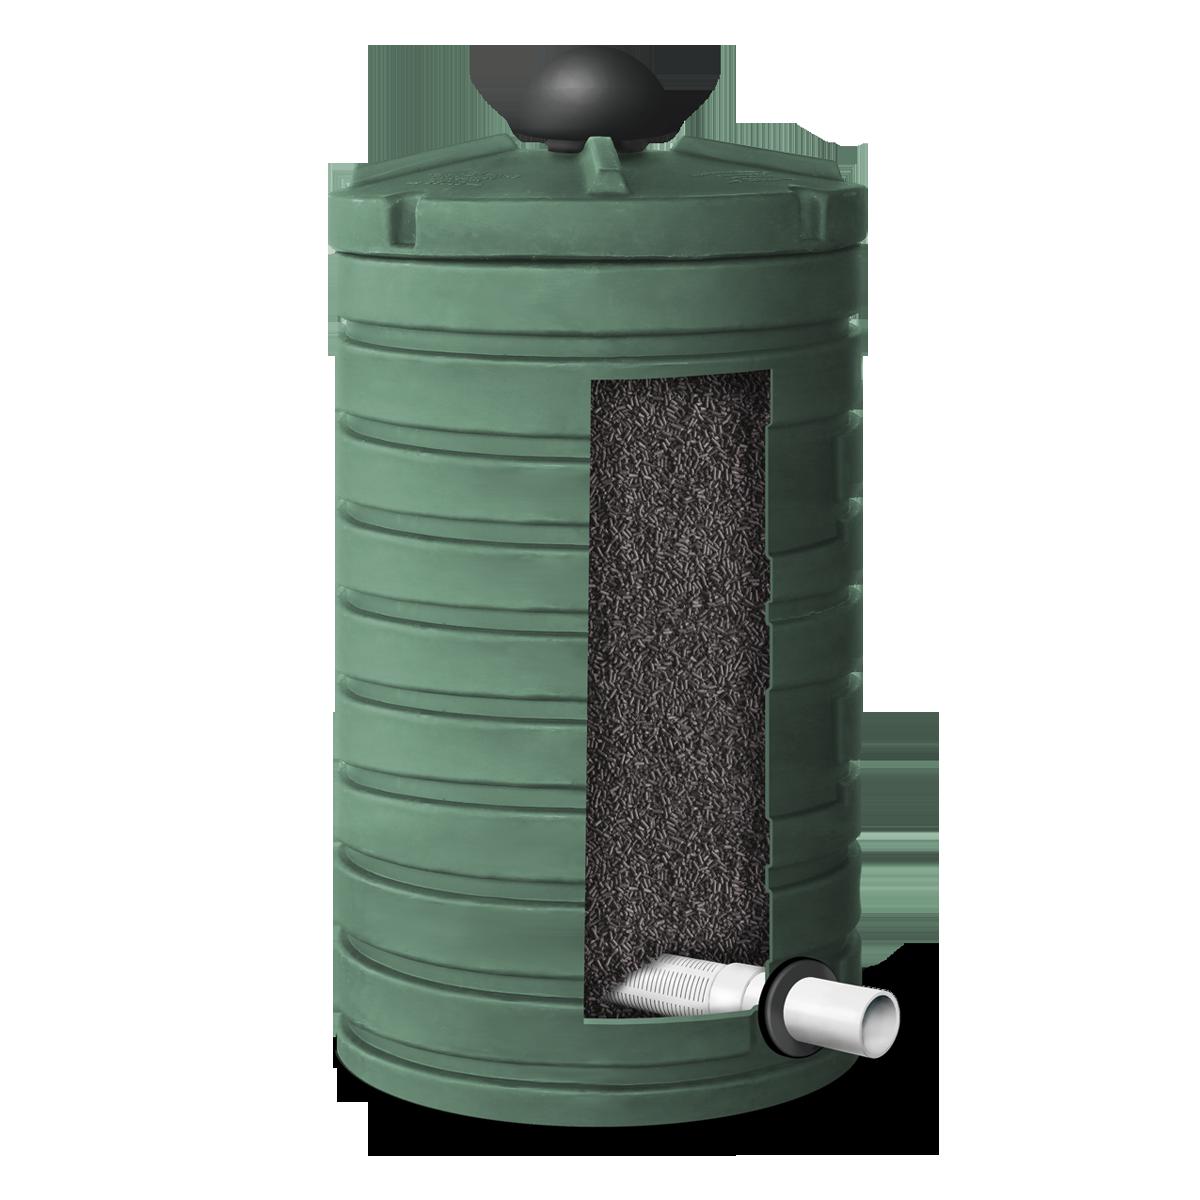 AiraCarb Odor Control System (75 CFM)